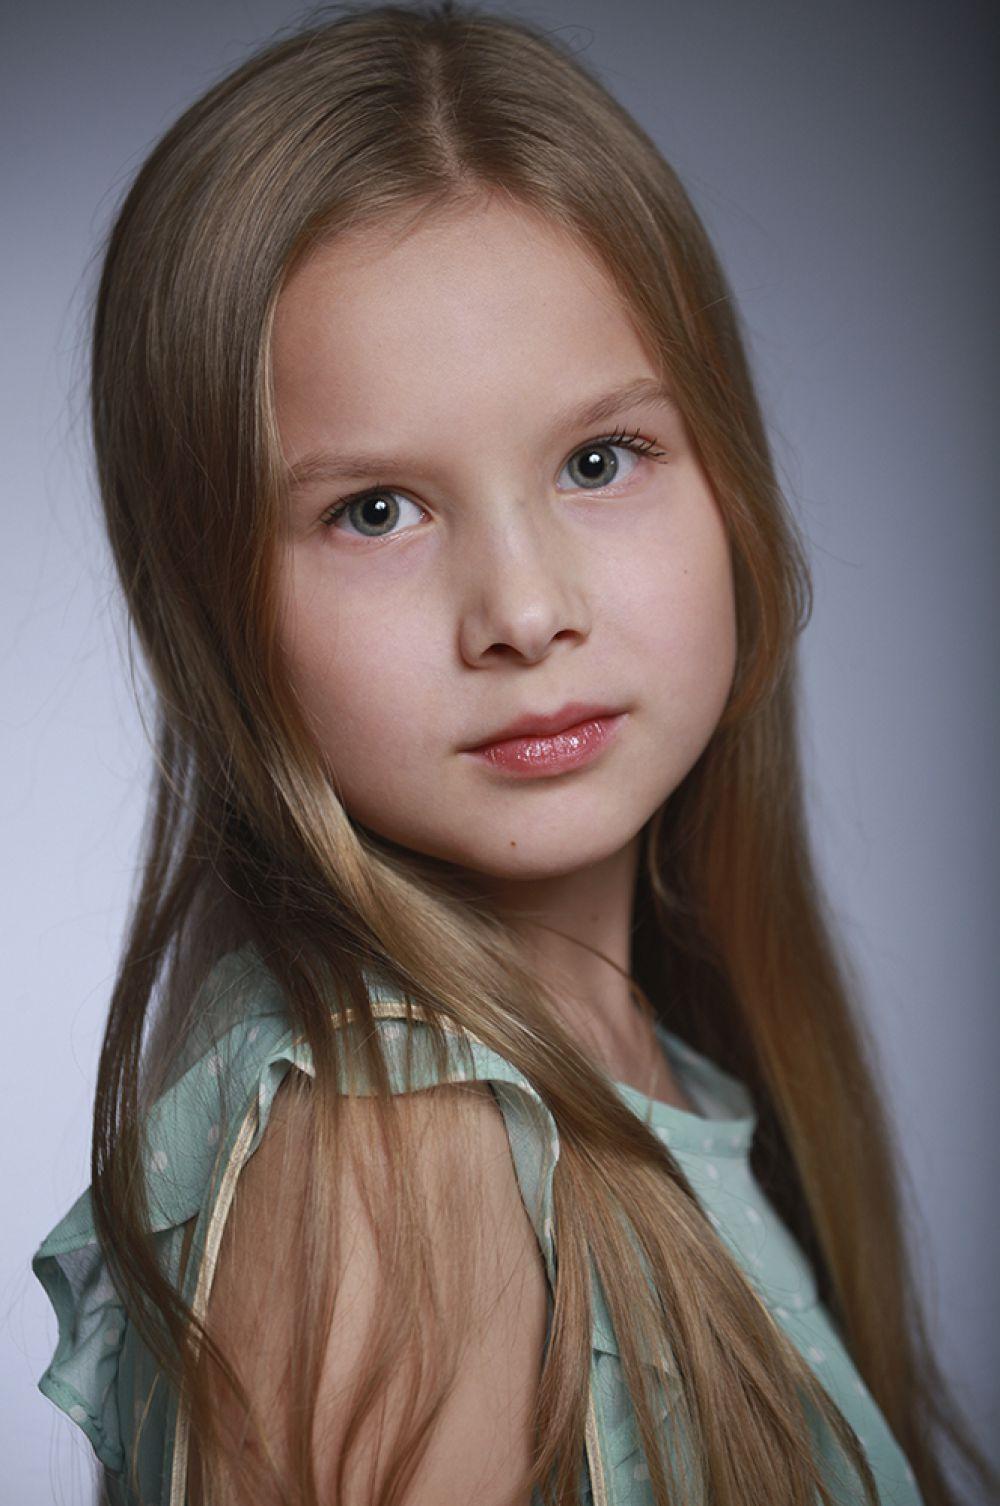 Анастасия Пушкарева, 8 лет, 8-ой конкурс красоты и талантов  «Маленькая Мисс Вятка-2016». Младшая группа.